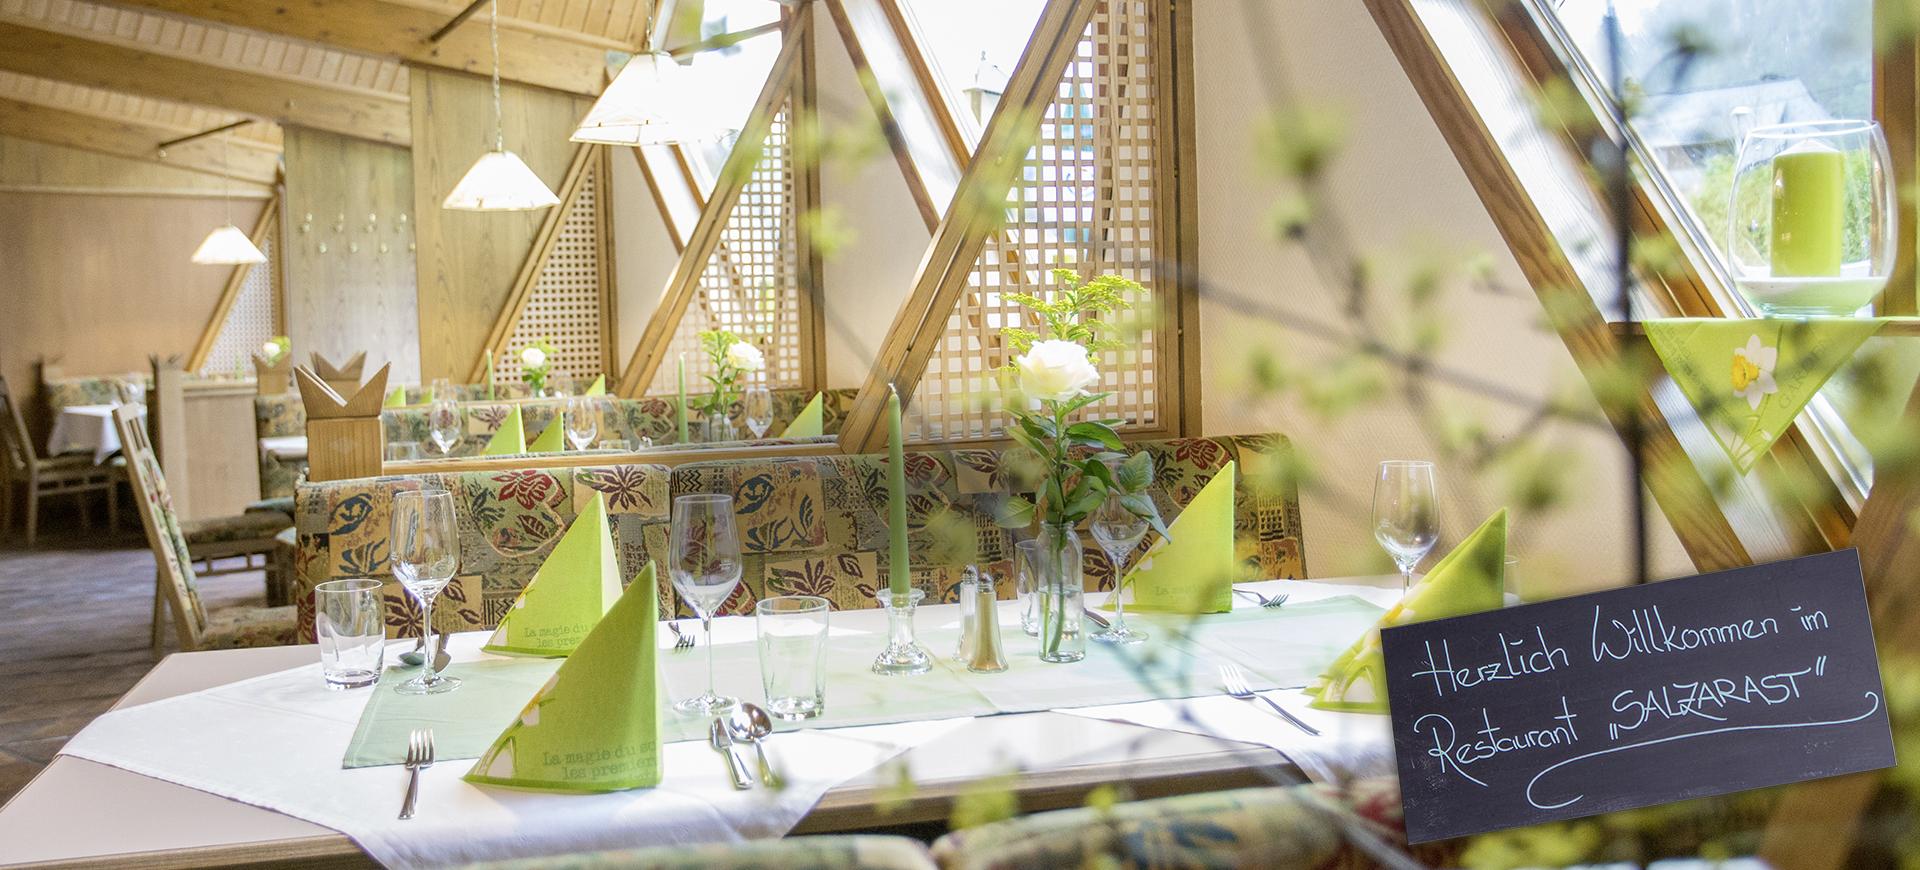 Restaurant ab 20. Mai geöffnet